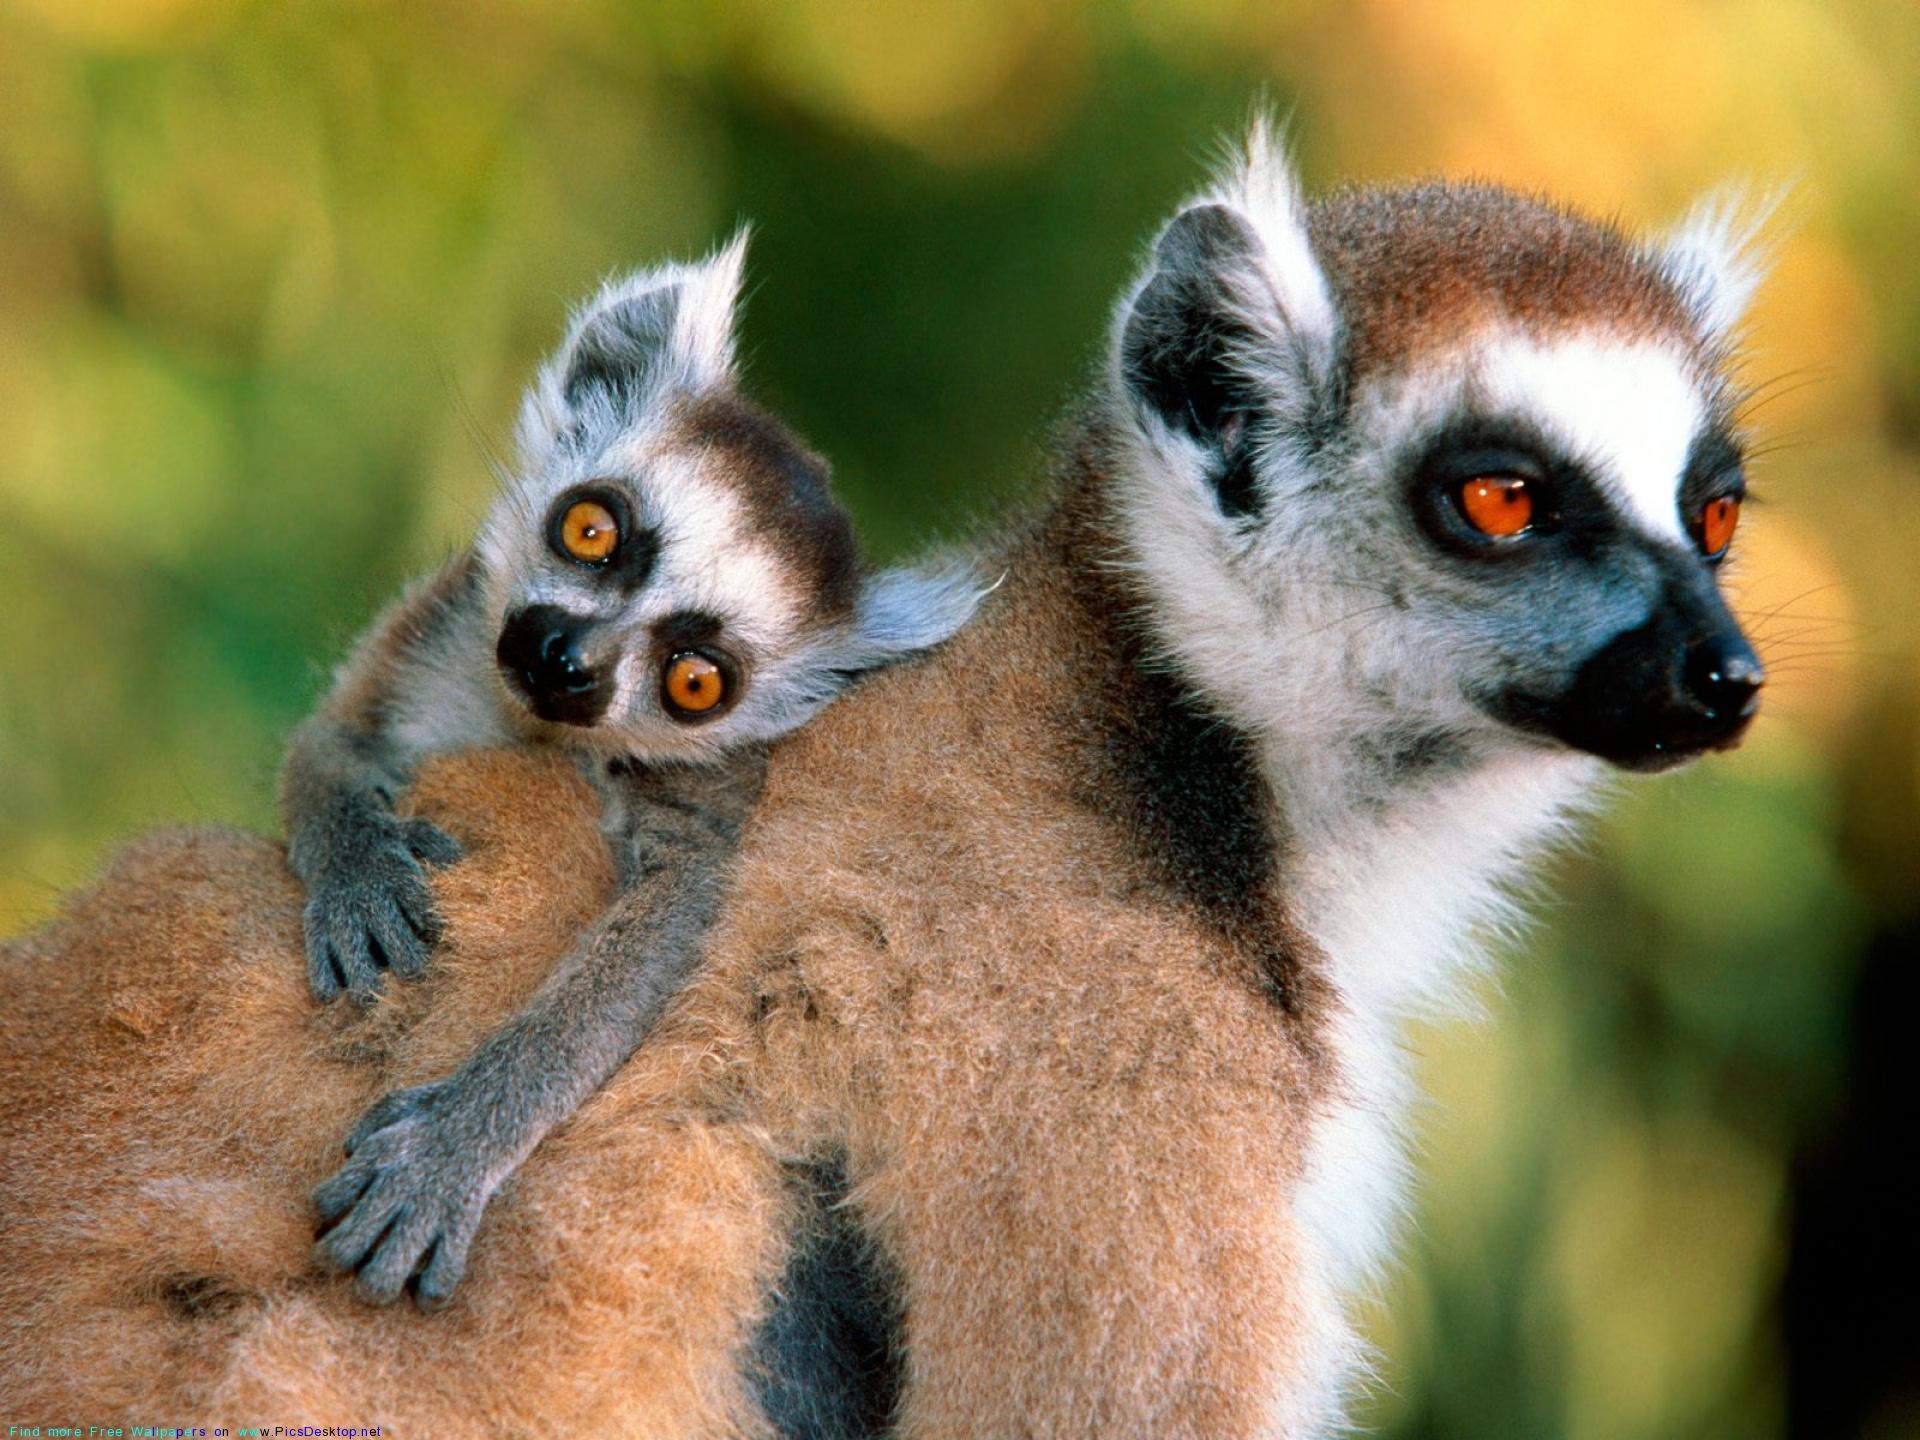 Глядя на эти фото, понимаешь, что животные любят своих детенышей